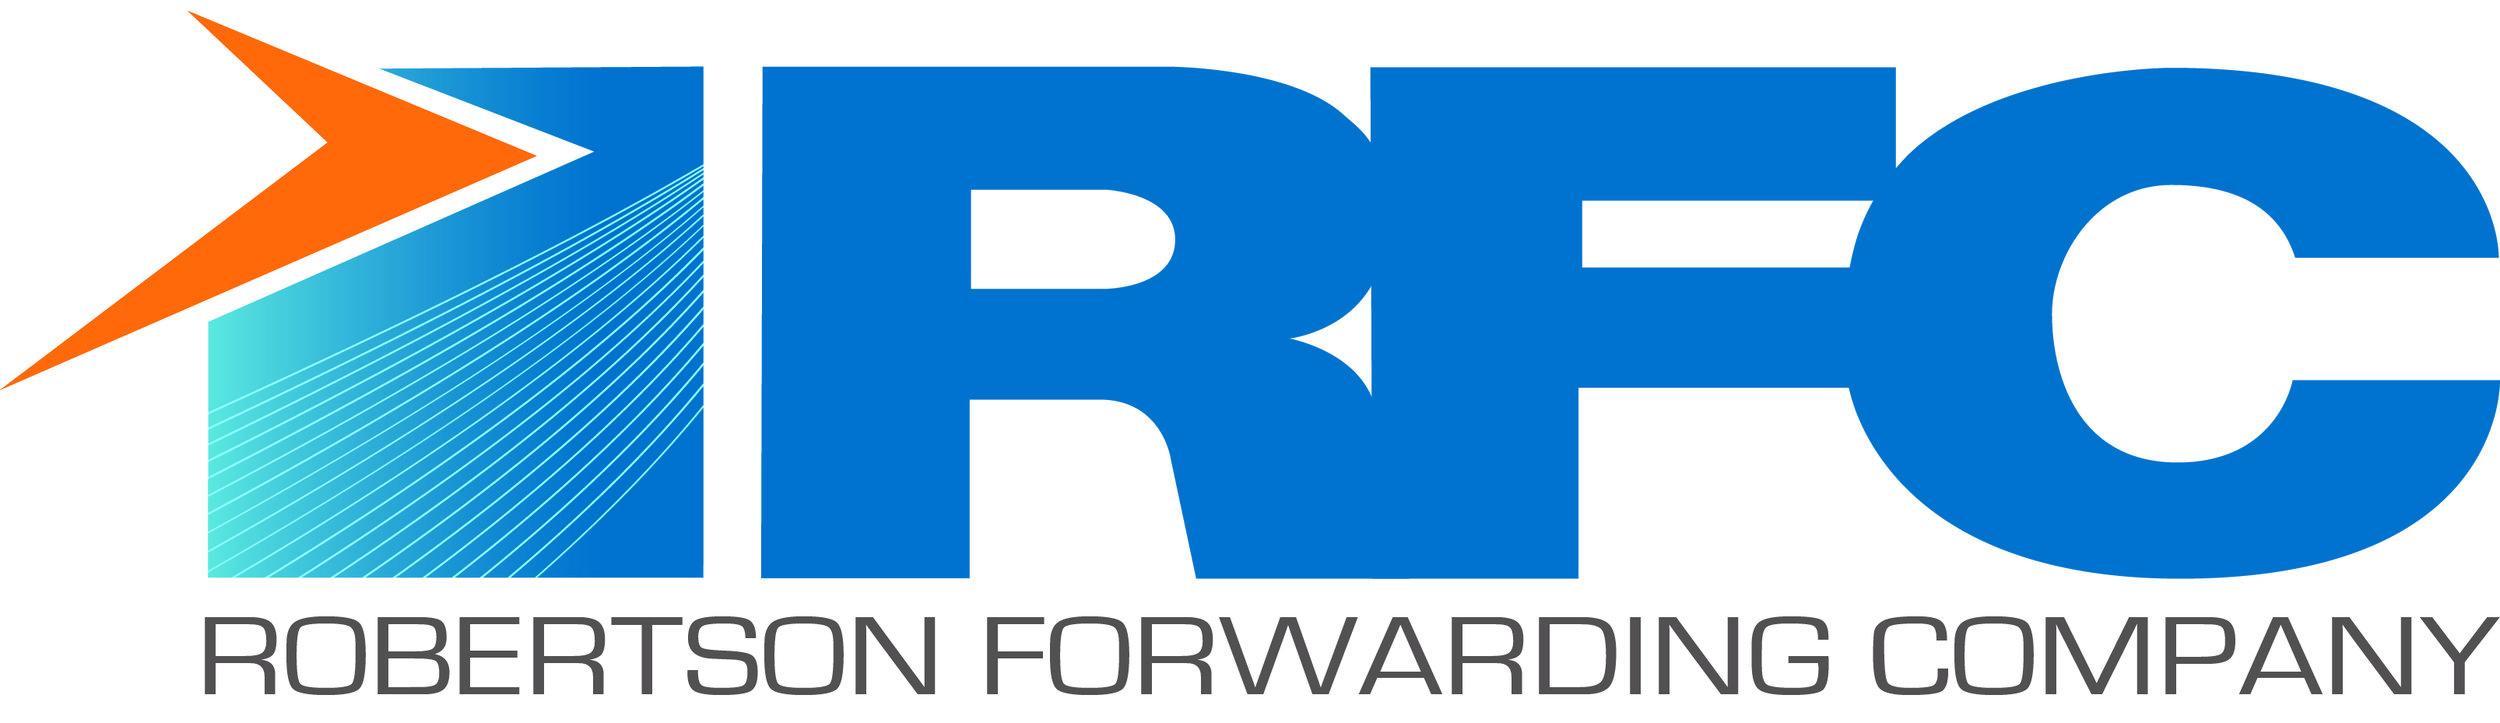 RFC logo_FINAL.jpg